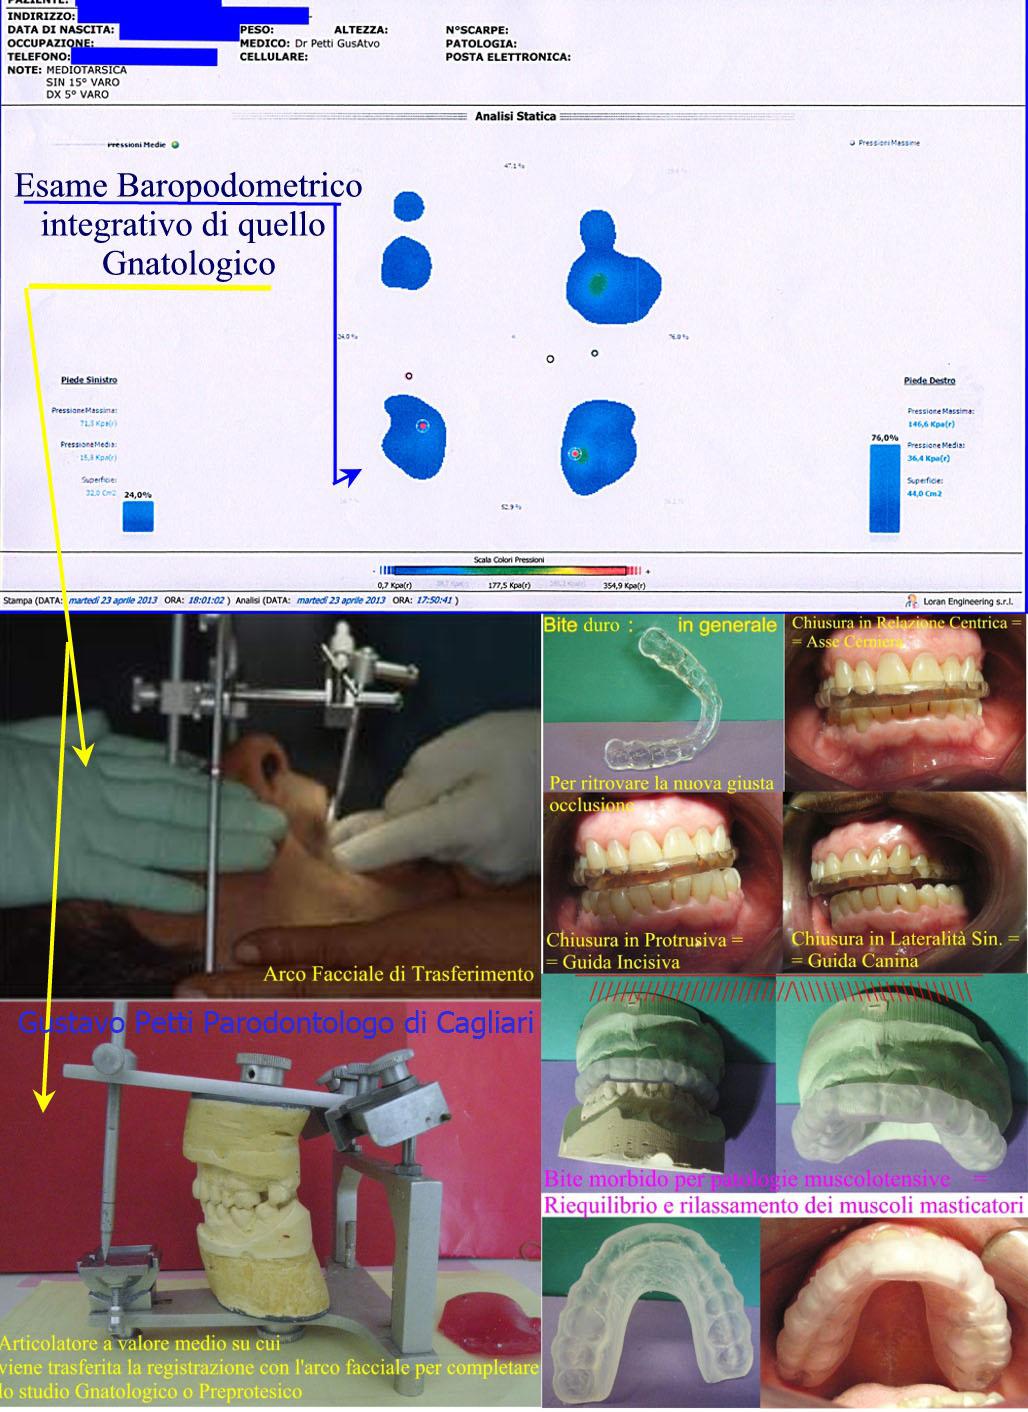 analisi-gnatologica-dr-g.petti-cagliari-057.jpg